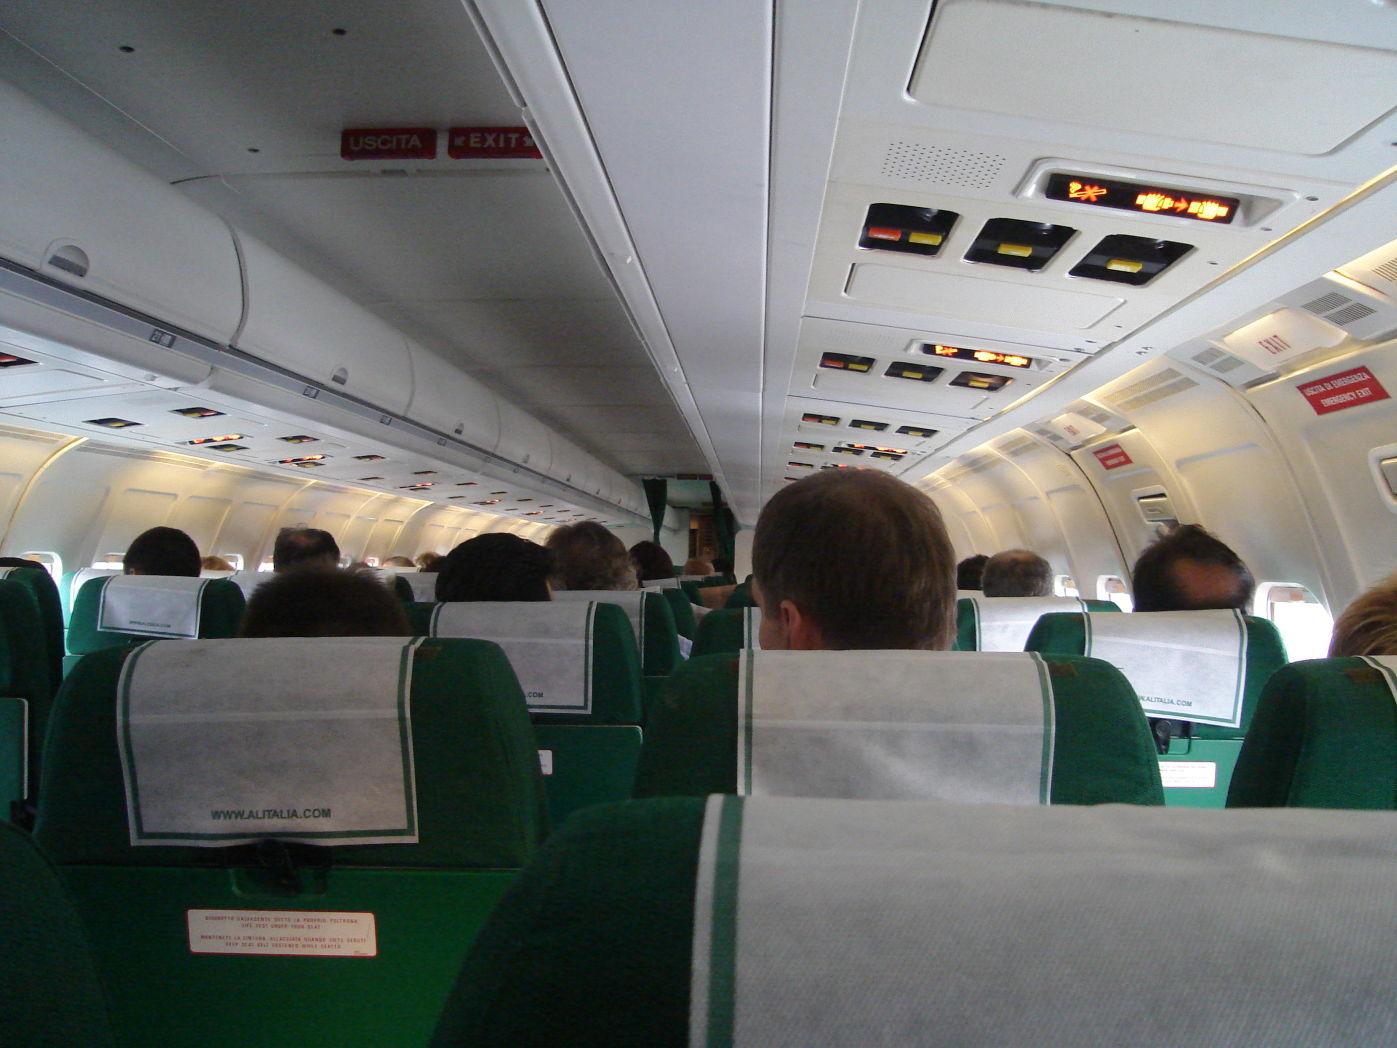 Flyromania noua companie aeriana care opereaza for Innenraum planen